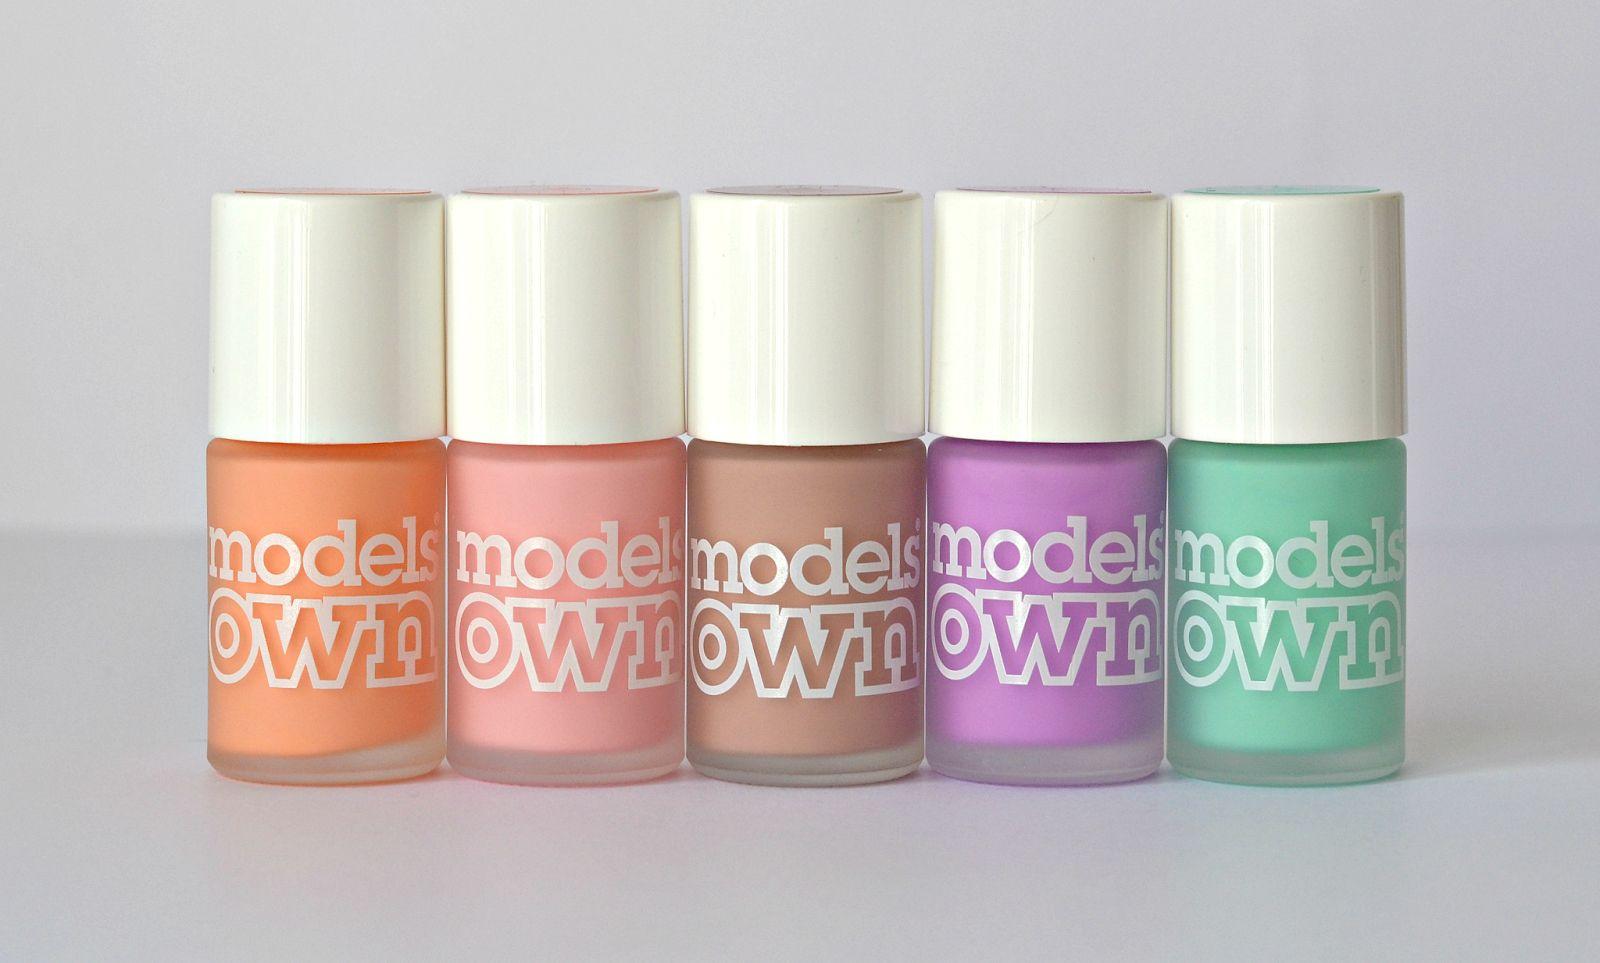 Making Models Own Nail Polish | Nails | Pinterest